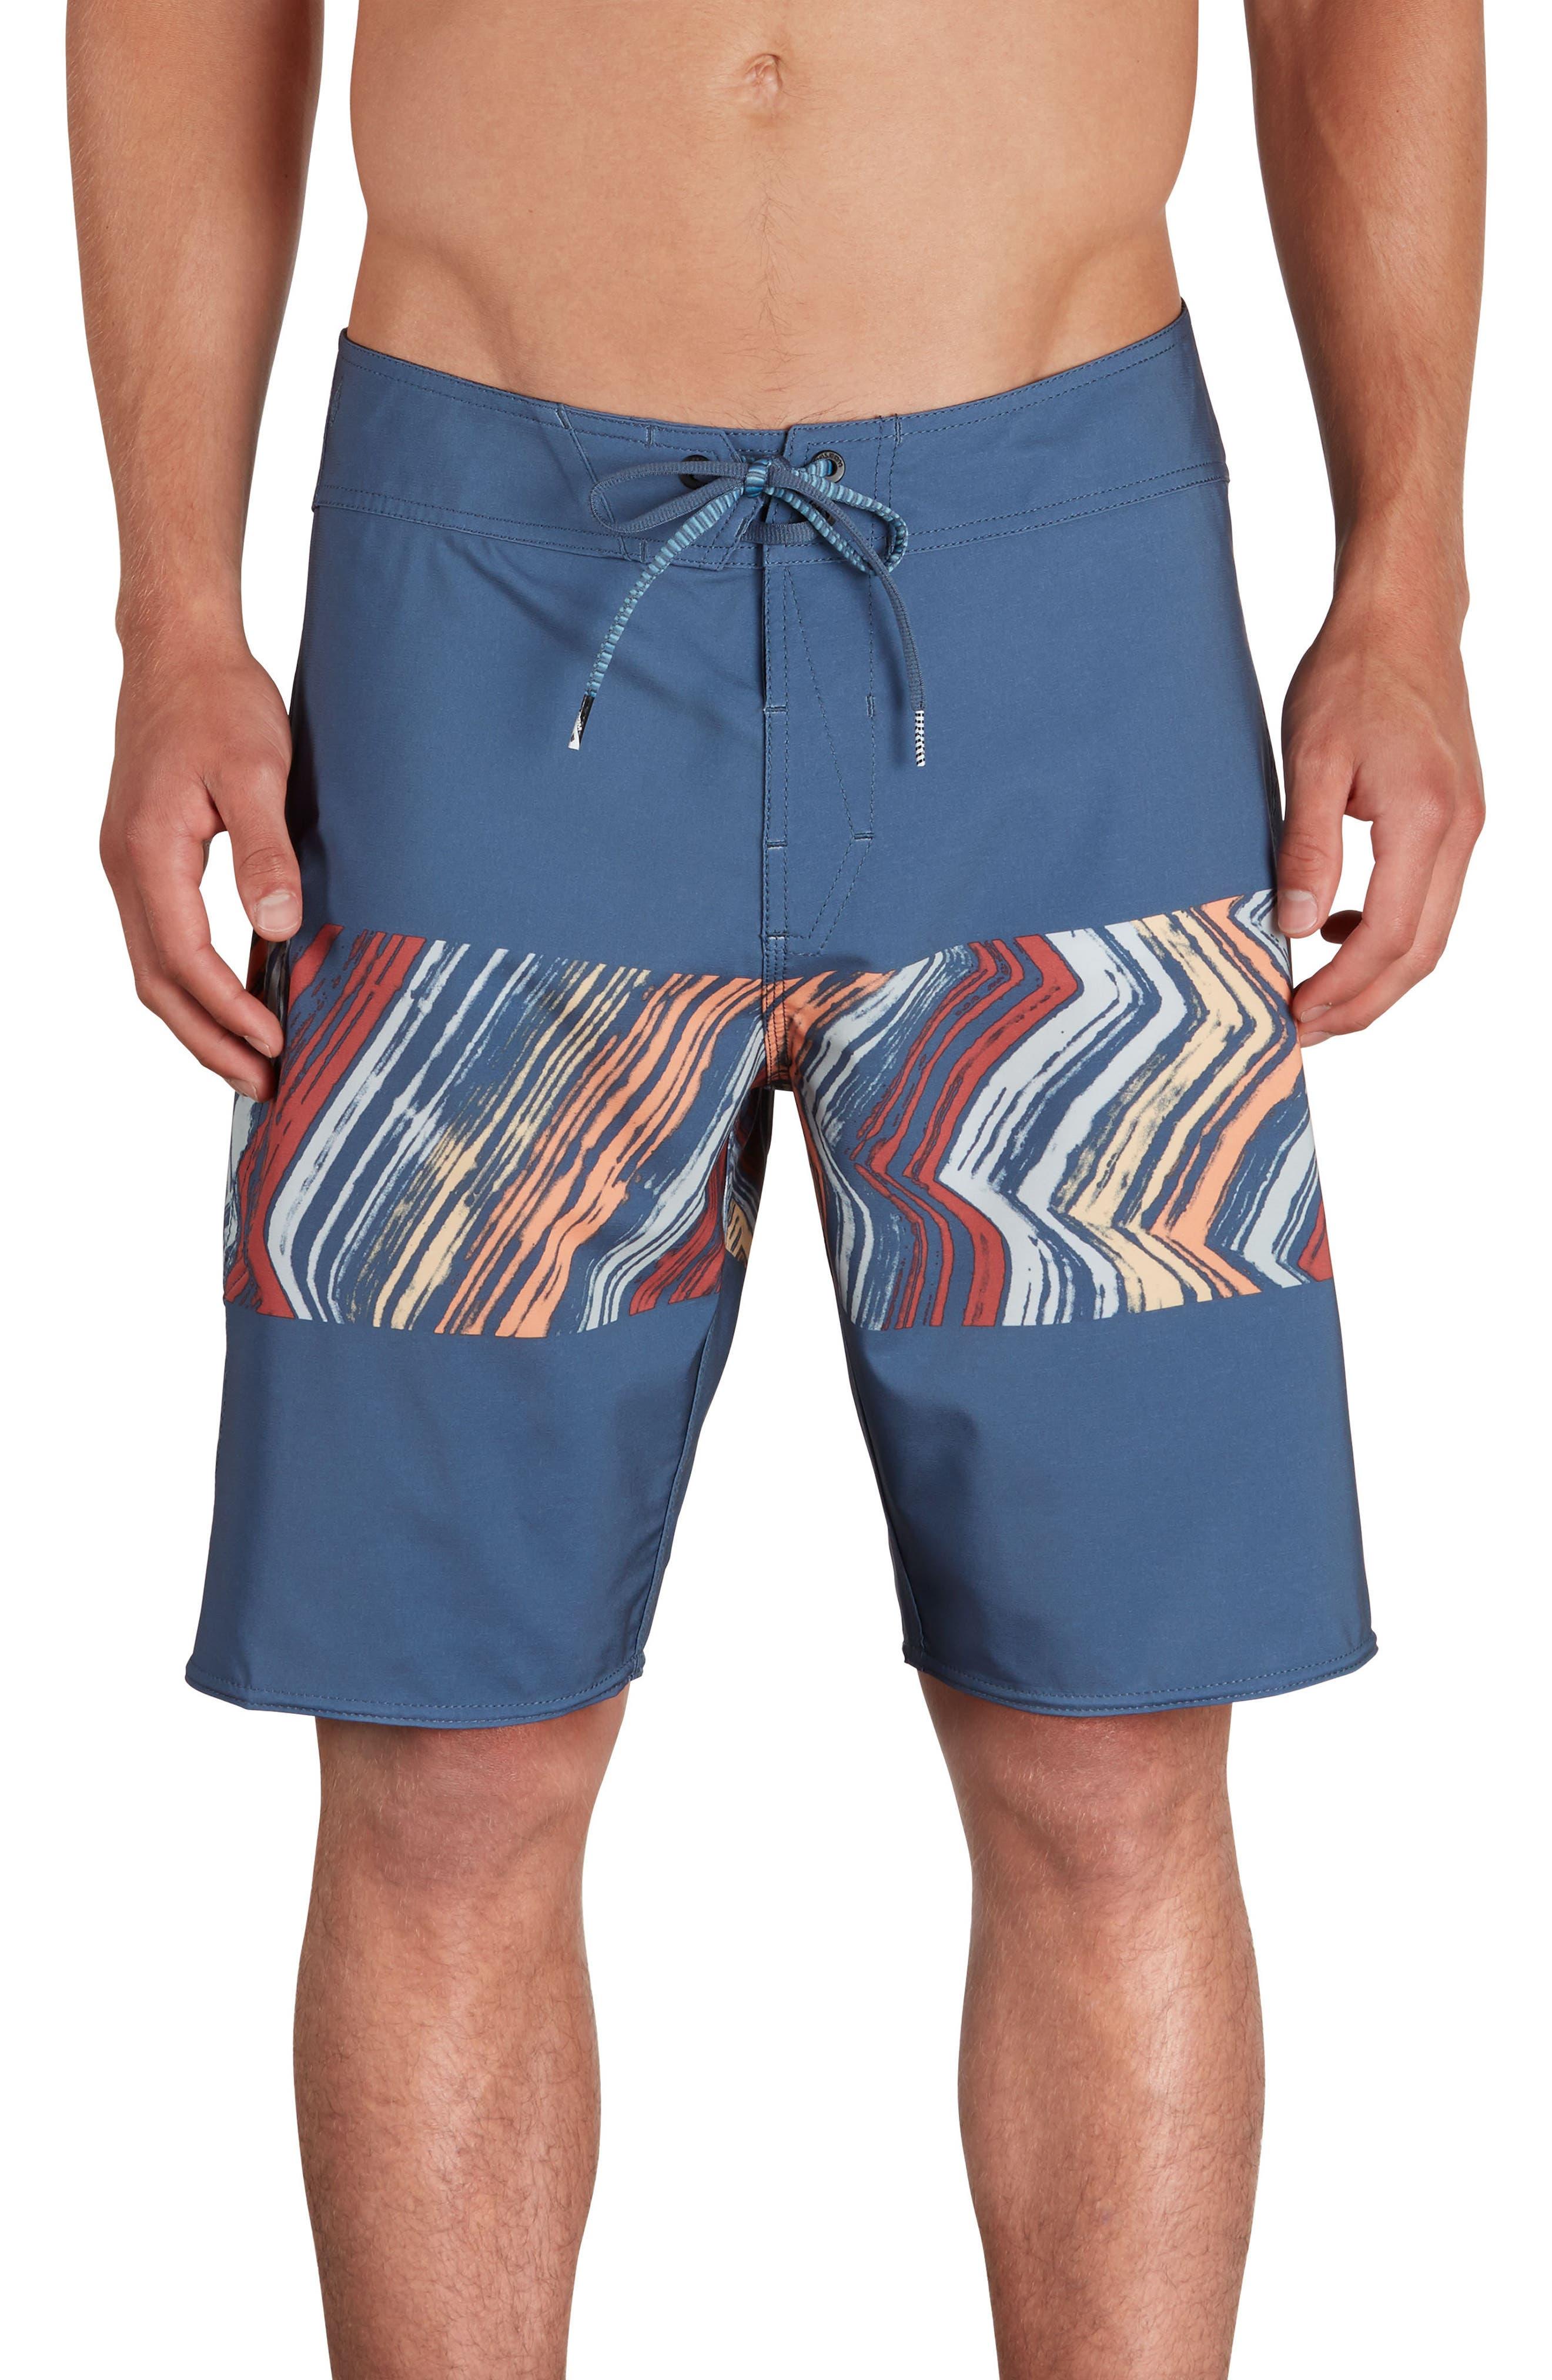 Macaw Mod Board Shorts,                         Main,                         color, Sunburst